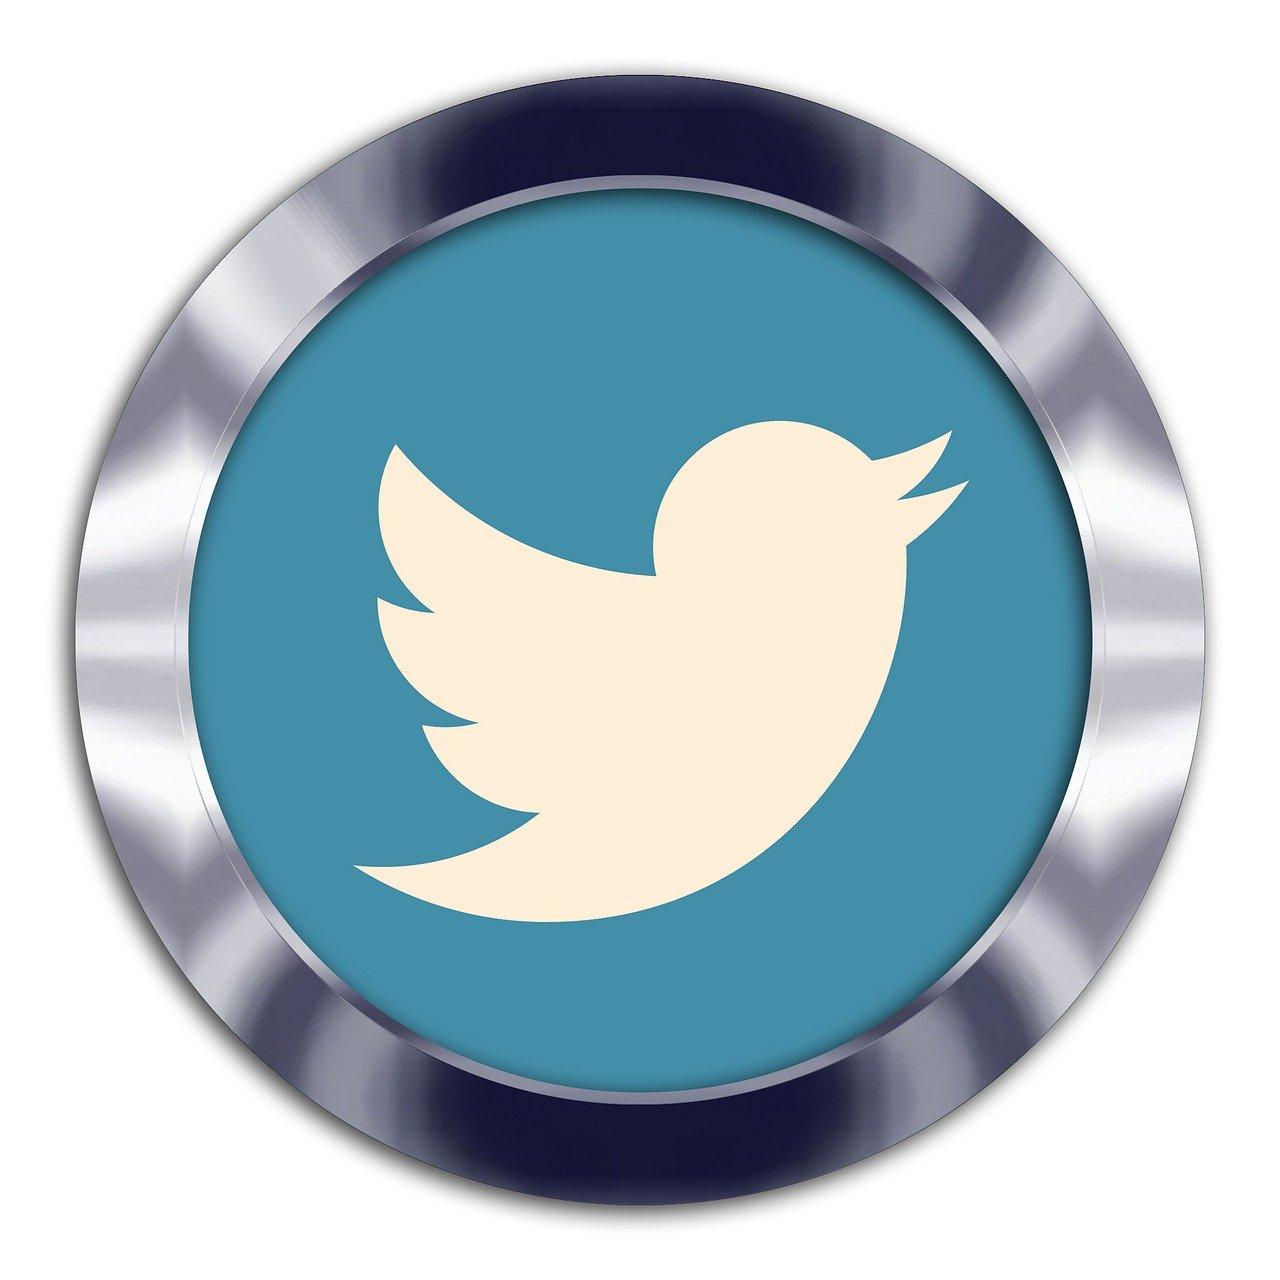 Twitterのロゴが書いたメダル